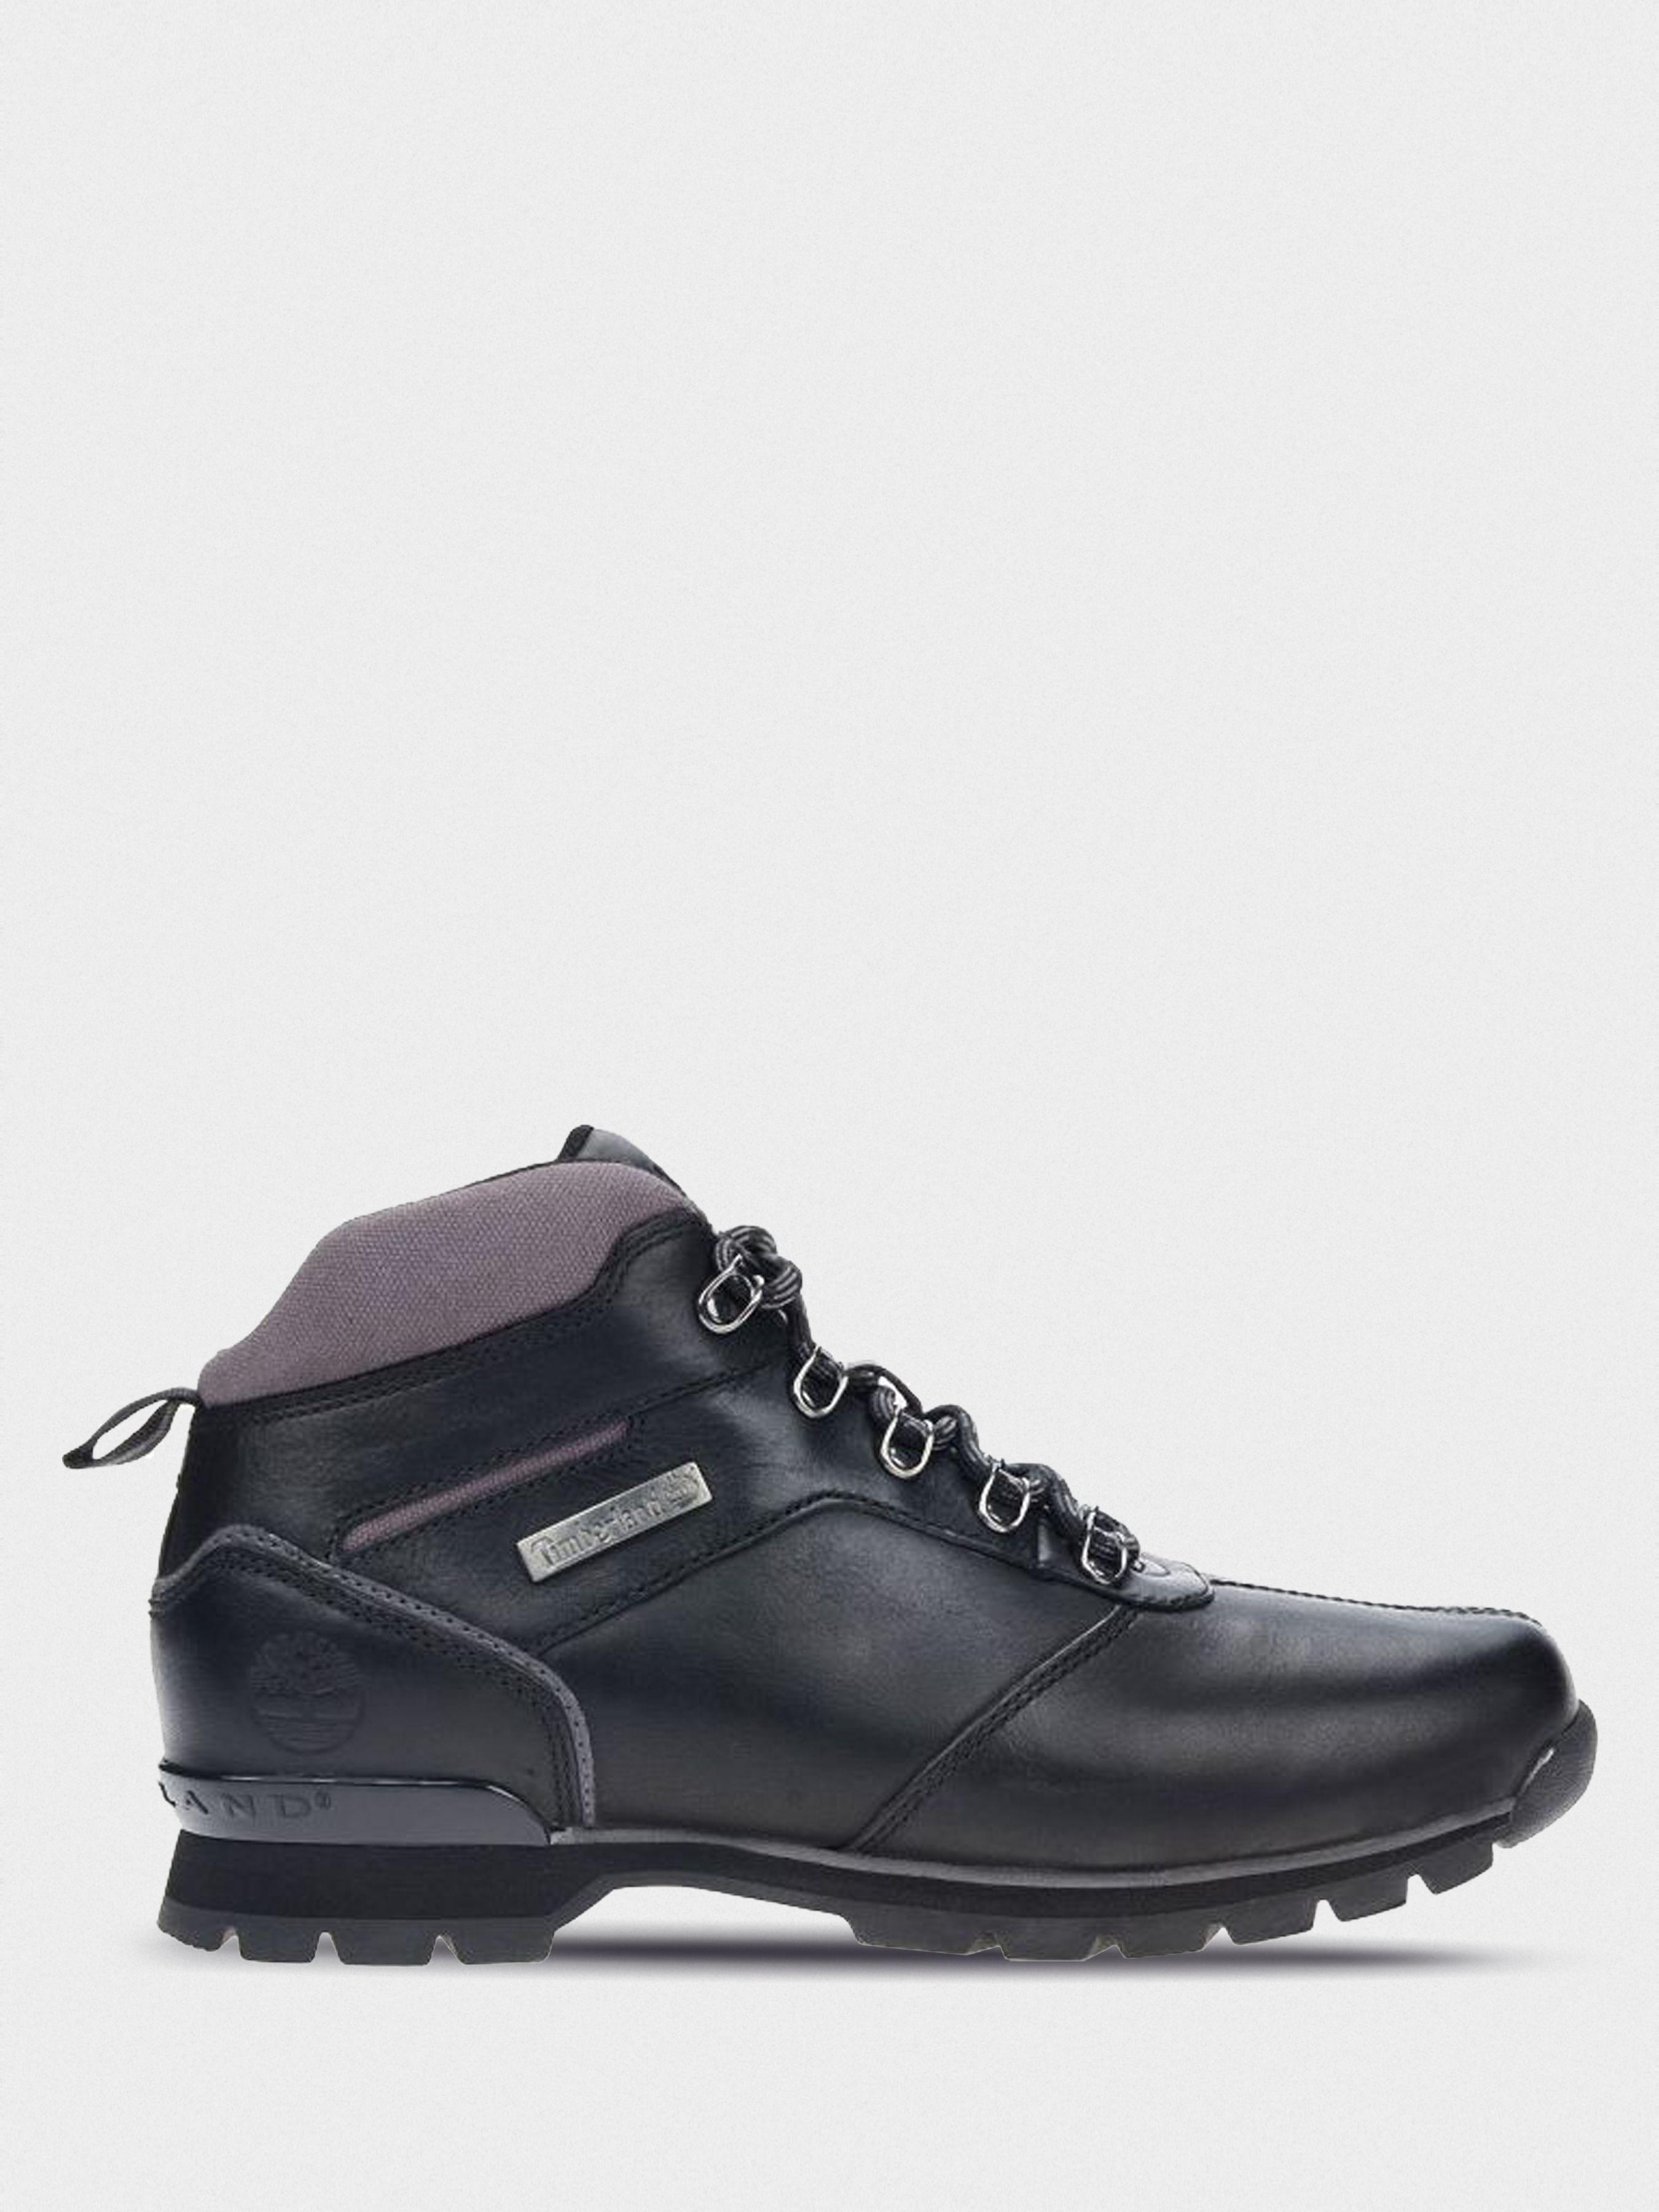 Ботинки мужские Timberland Splitrock 2 TF3675 Заказать, 2017